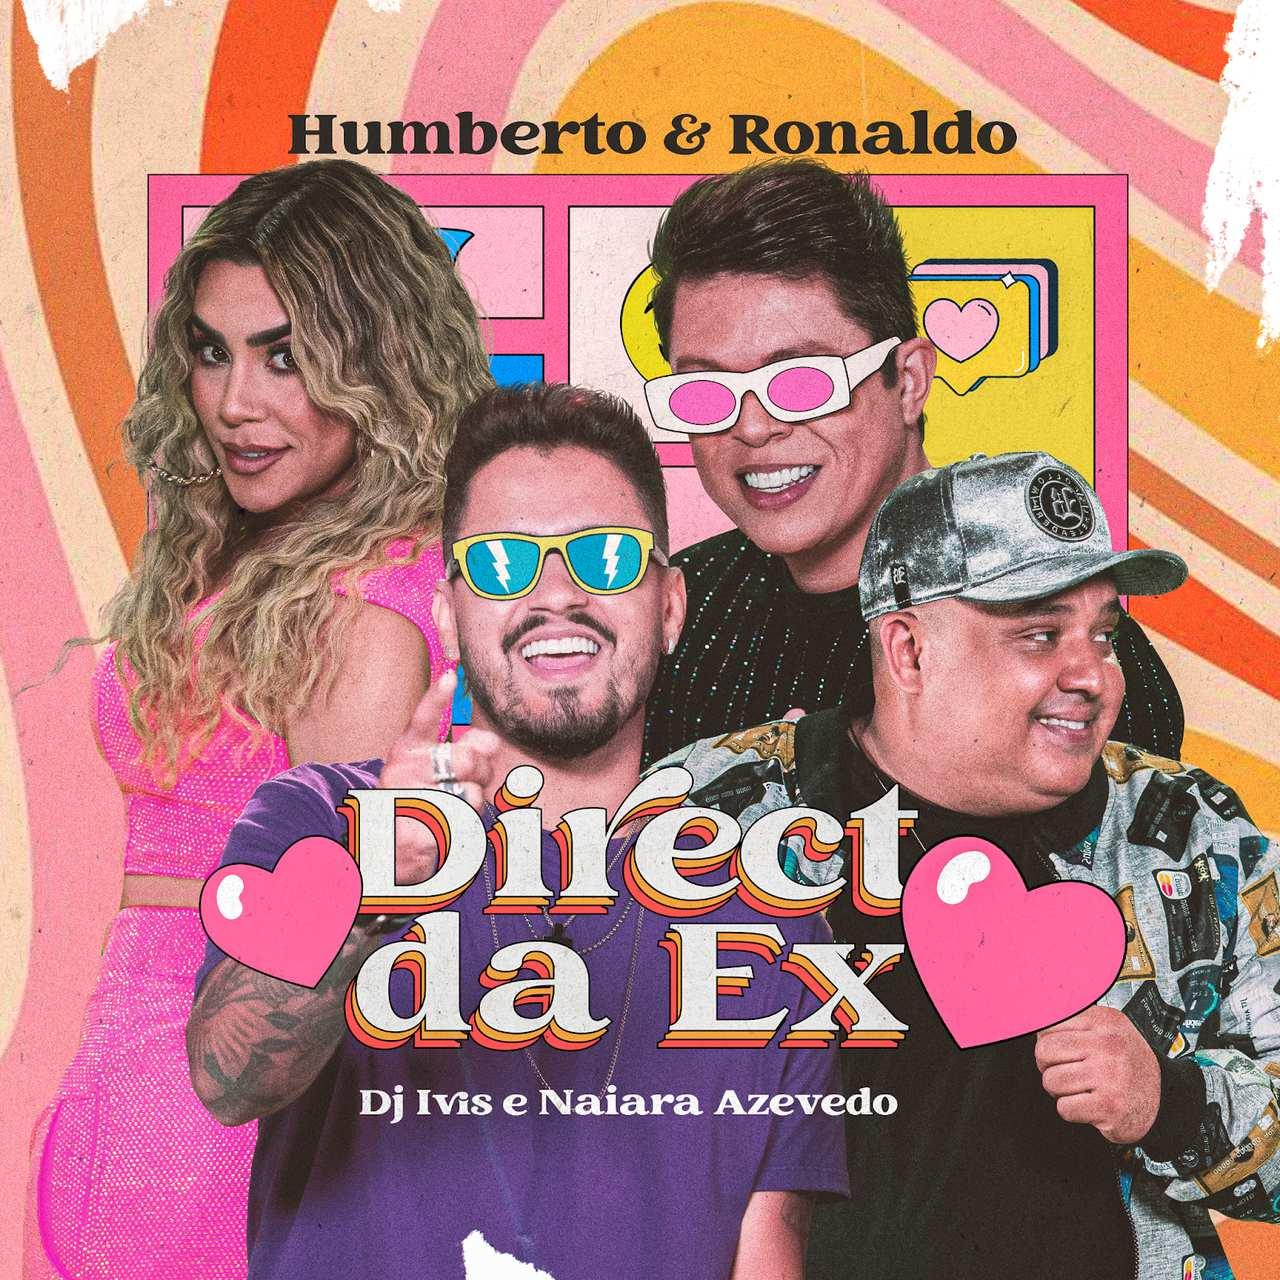 HUMBERTO & RONALDO DIVULGAM MÚSICA EM PARCERIA COM NAIARA AZEVEDO E DJ IVIS 42